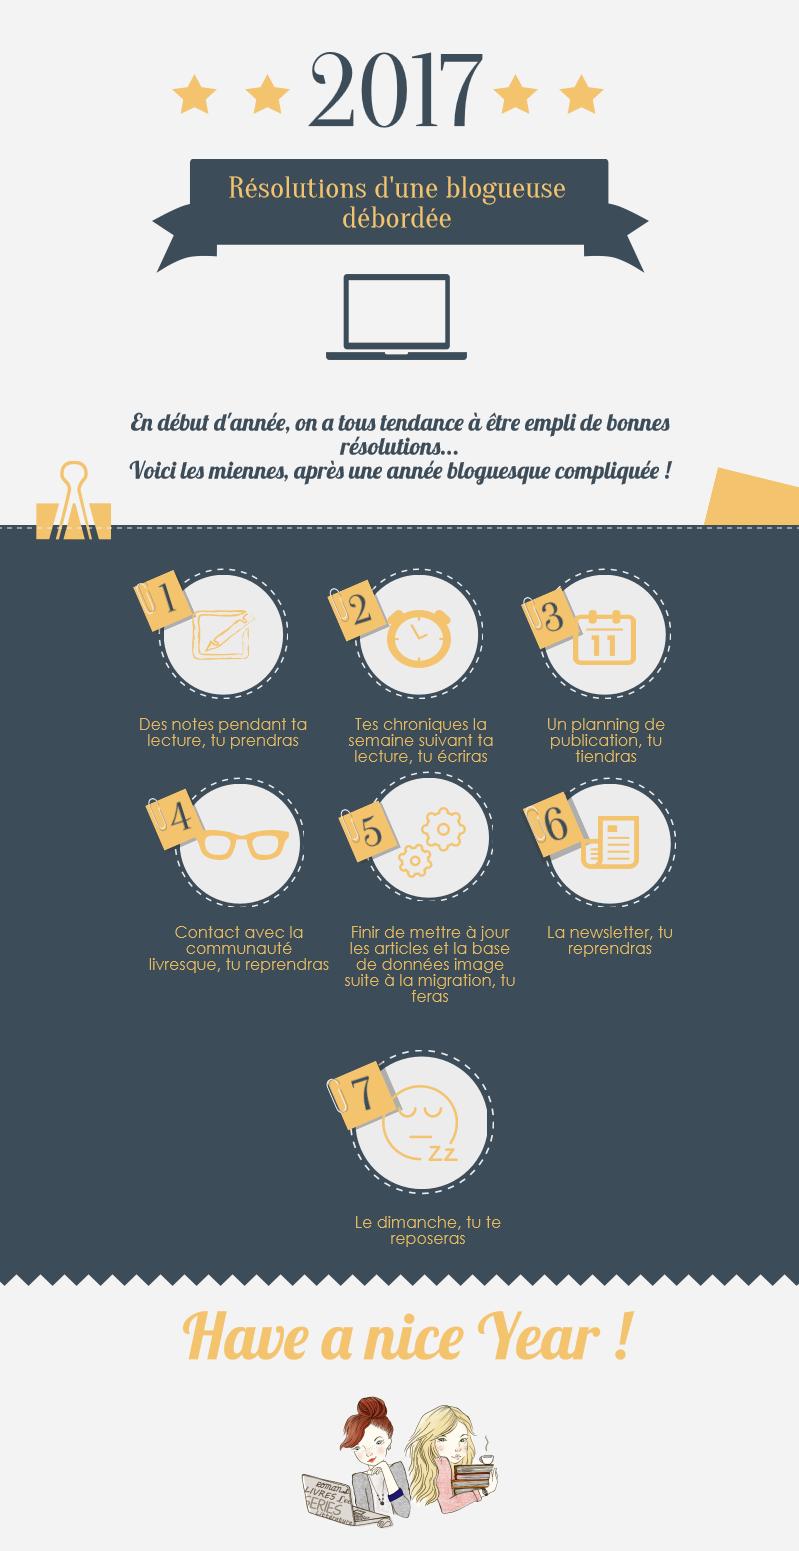 Infographie resolutions d'une blogueuse débordée